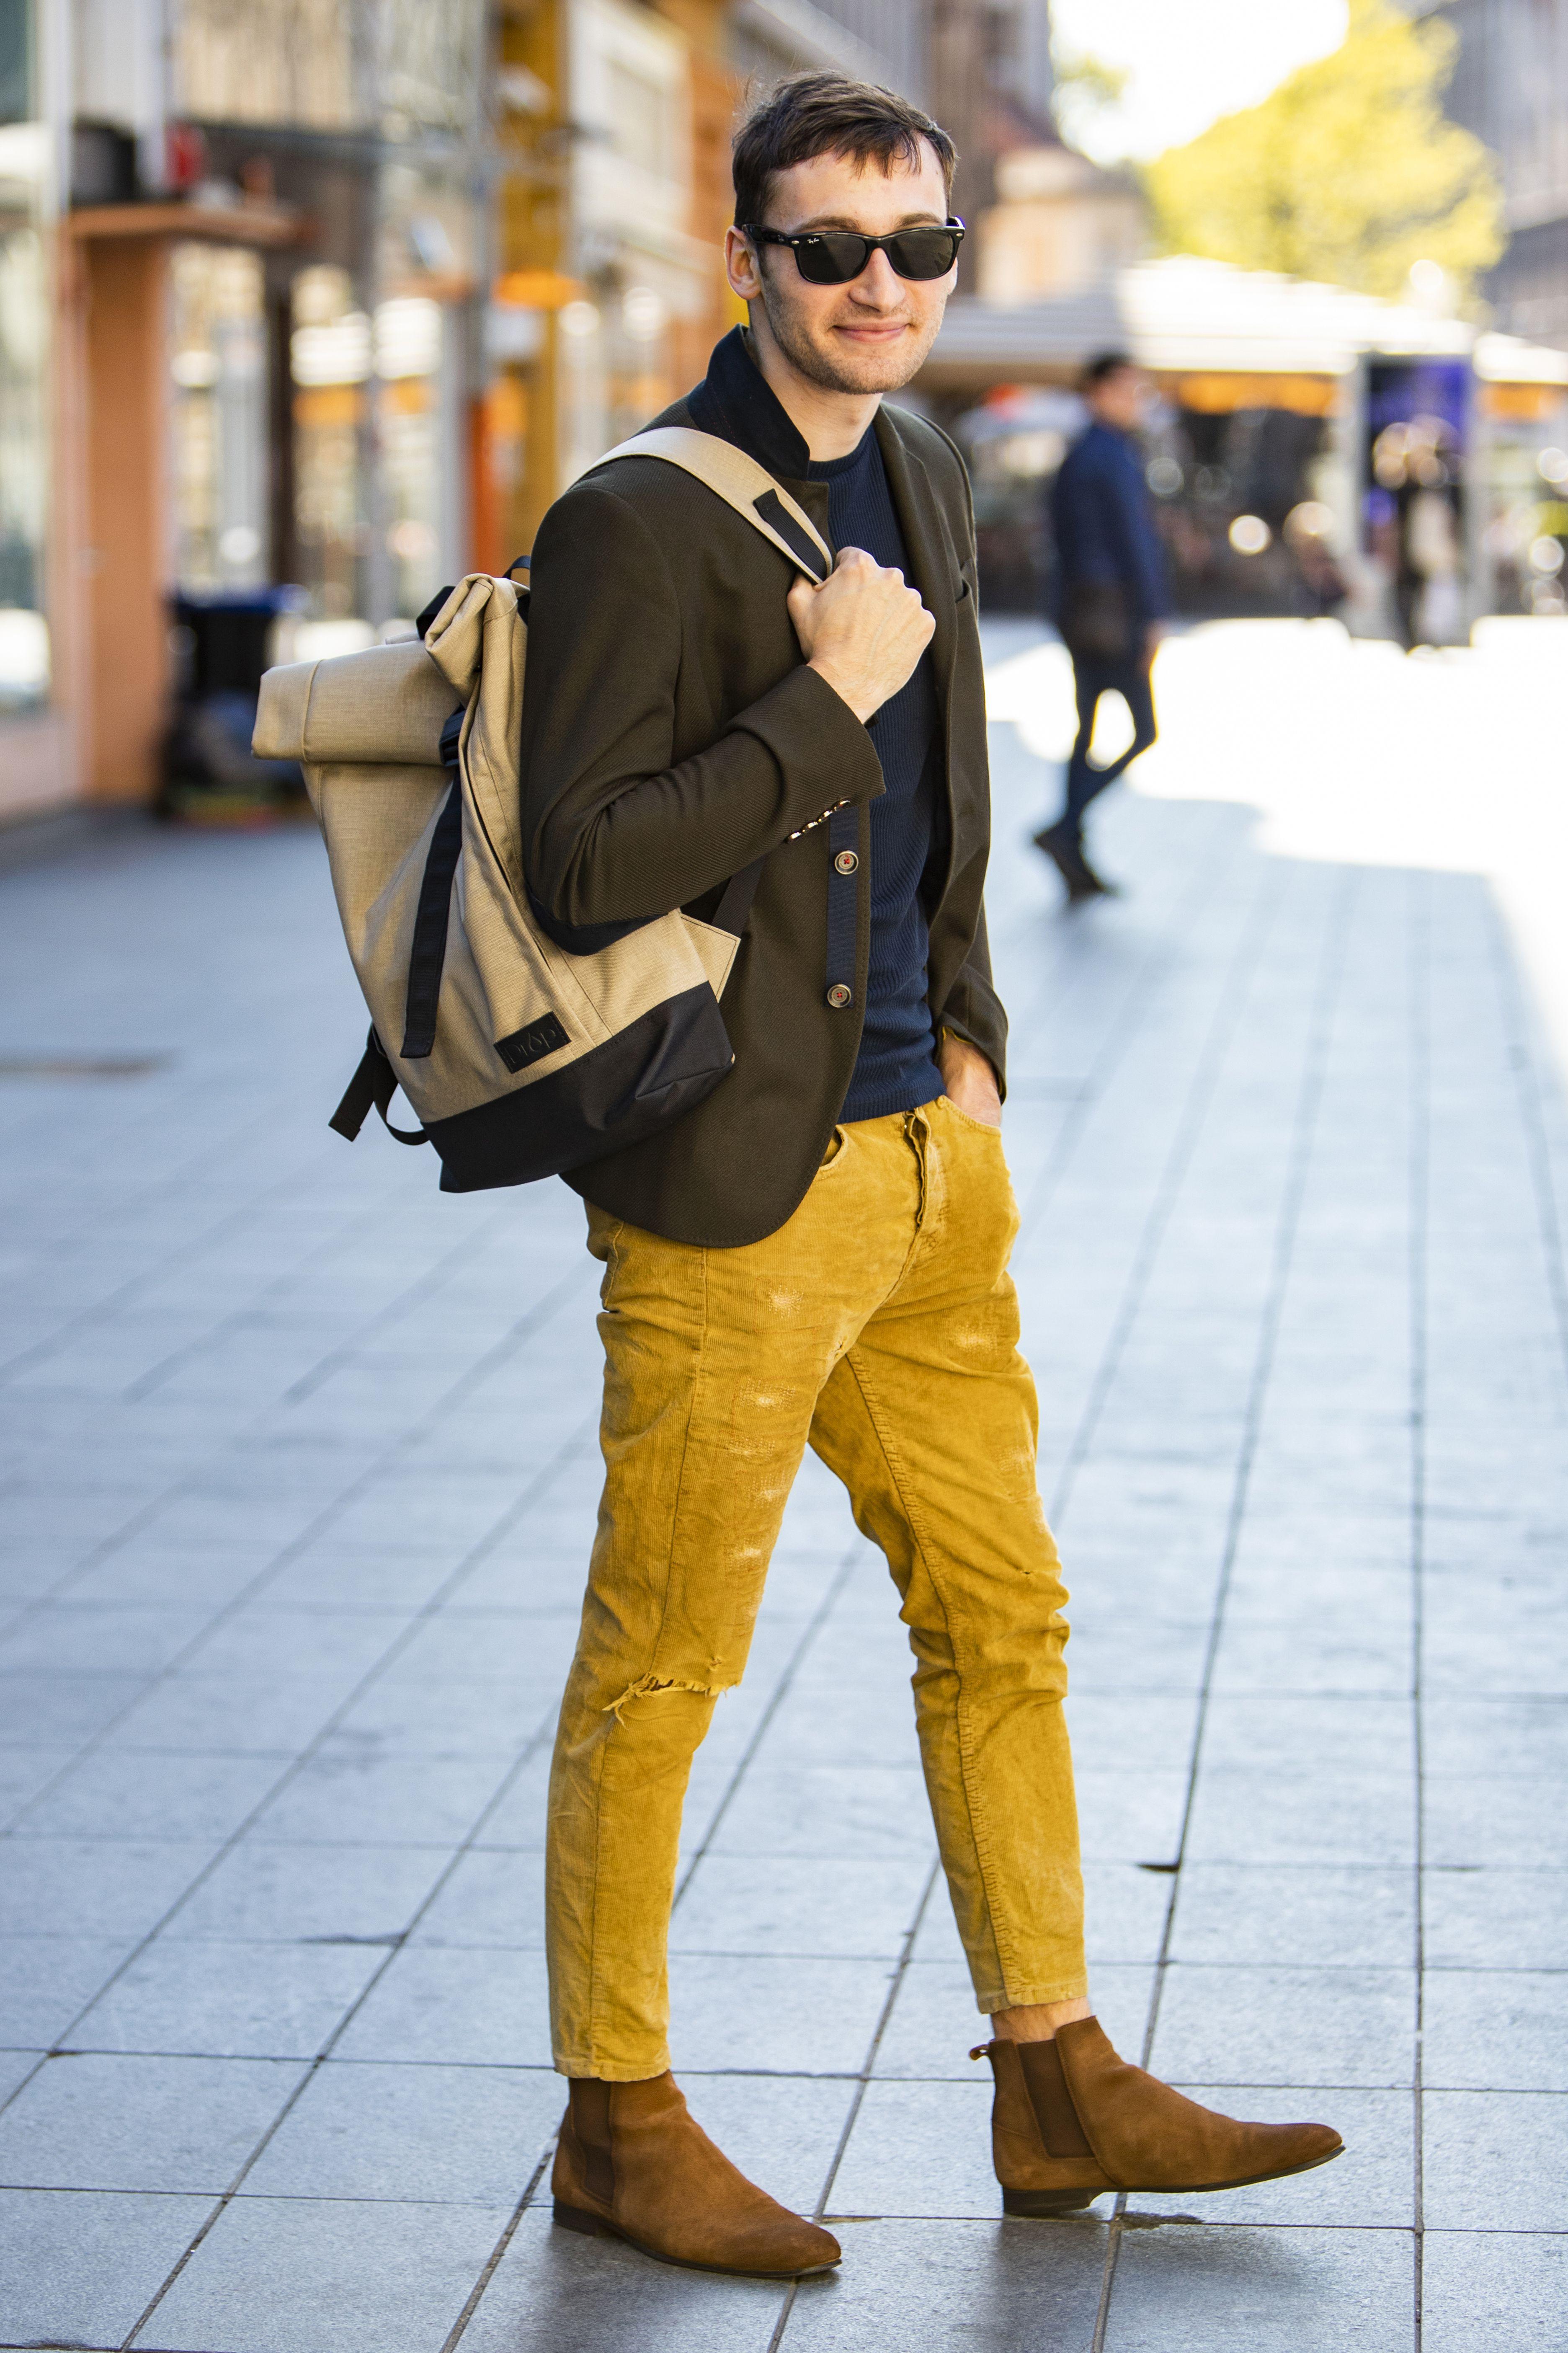 Glumac pokazao kako pravi frajeri nose hlače koje se mnogi ne bi usudili odjenuti!